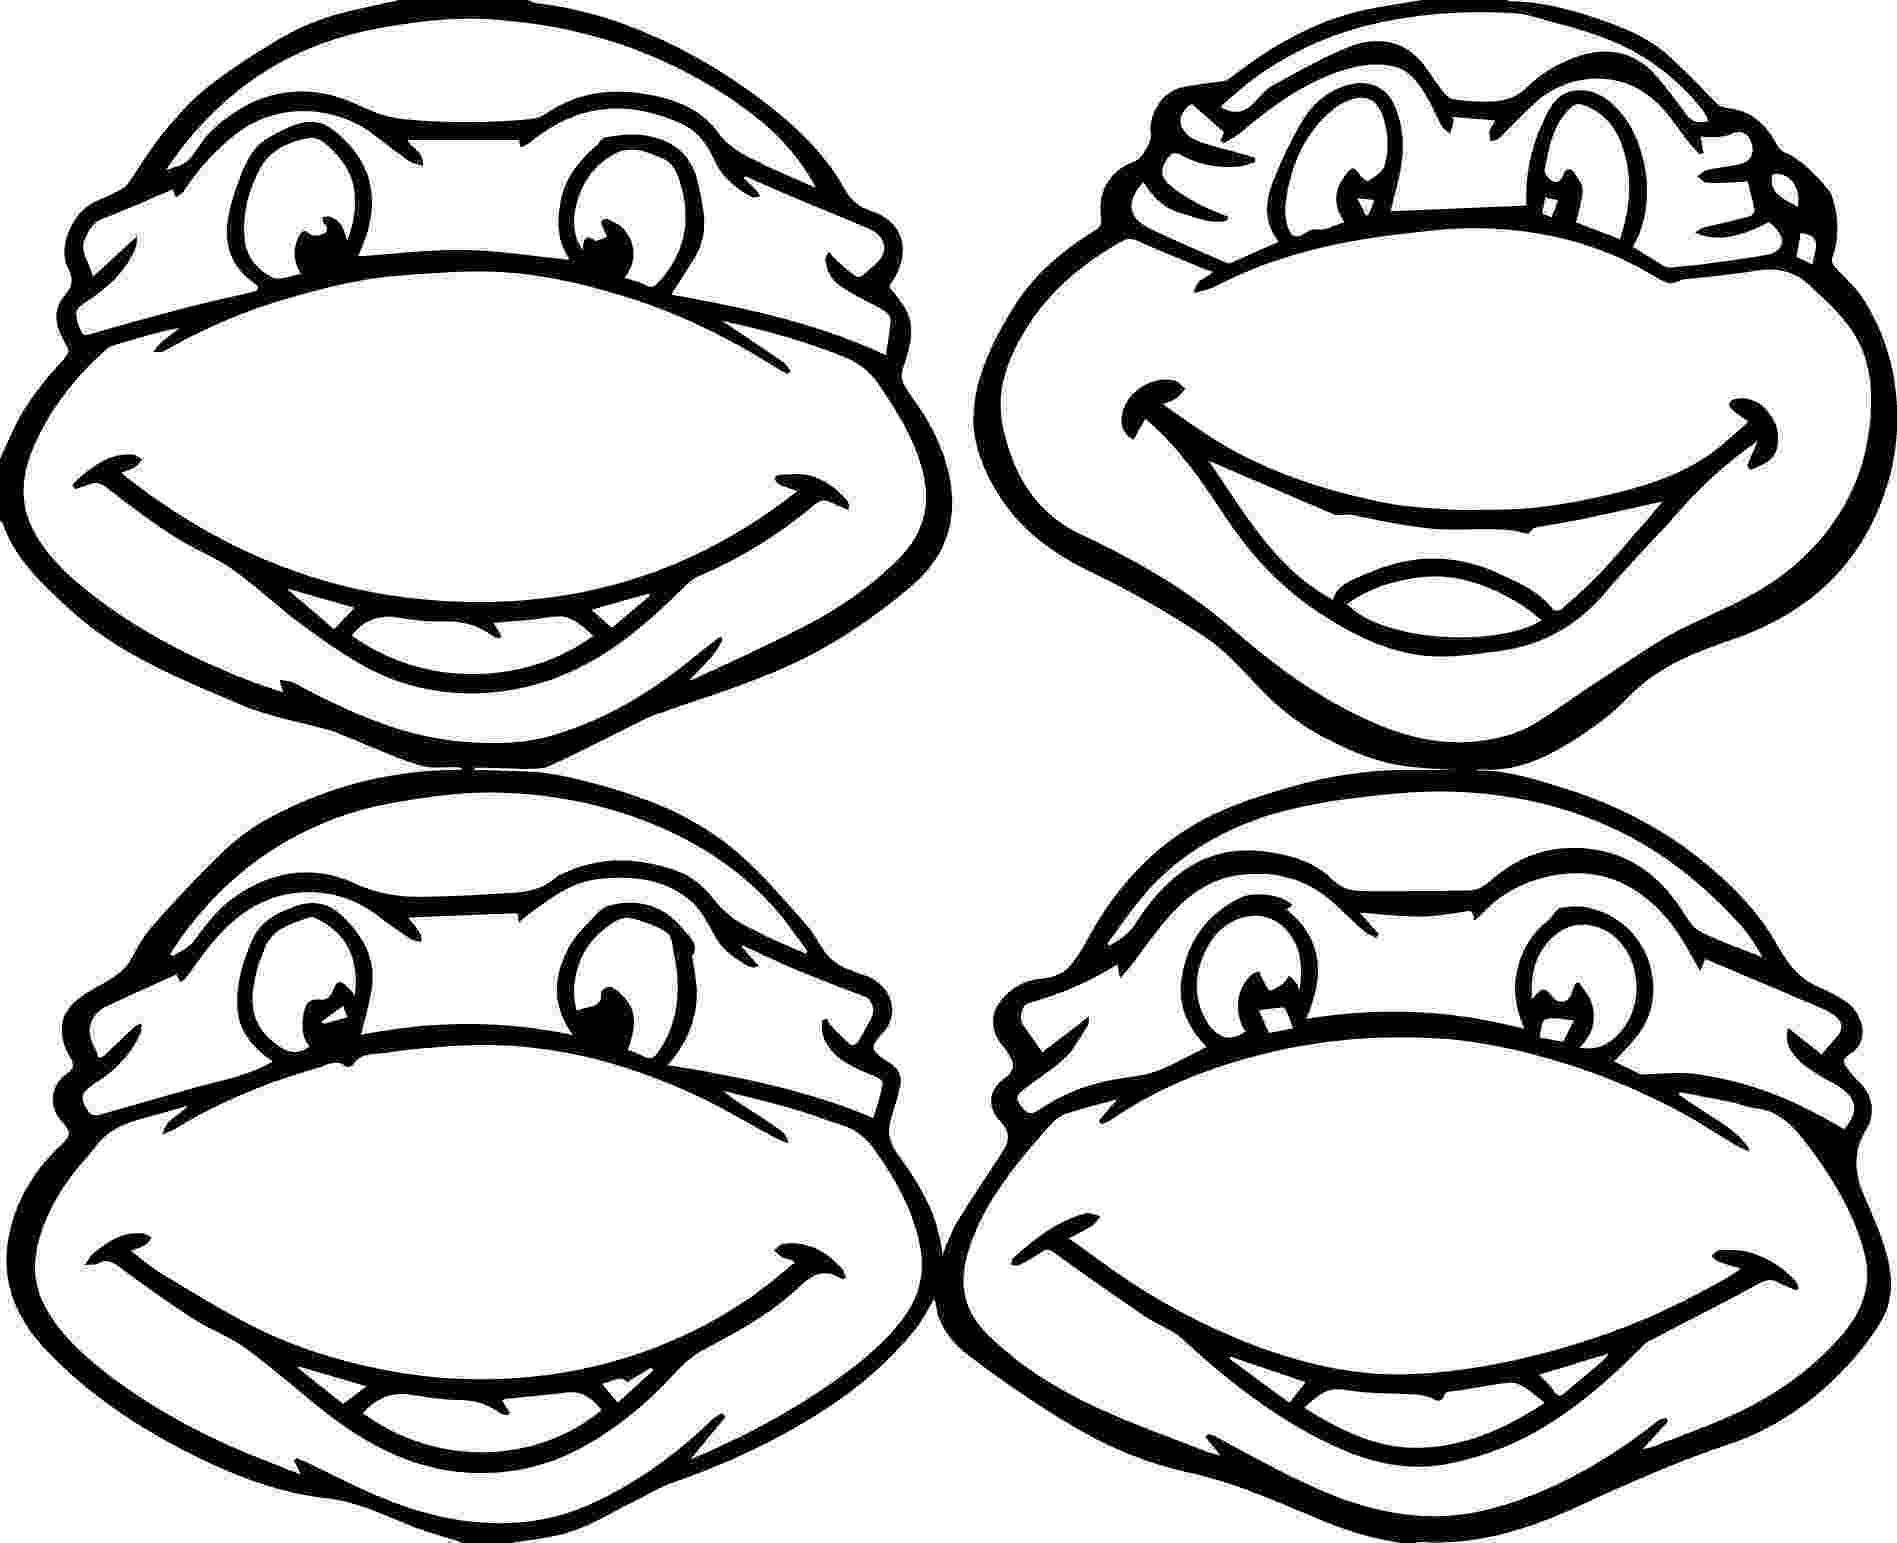 ninja turtles coloring pictures ninja turtle coloring pages free printable pictures pictures coloring ninja turtles